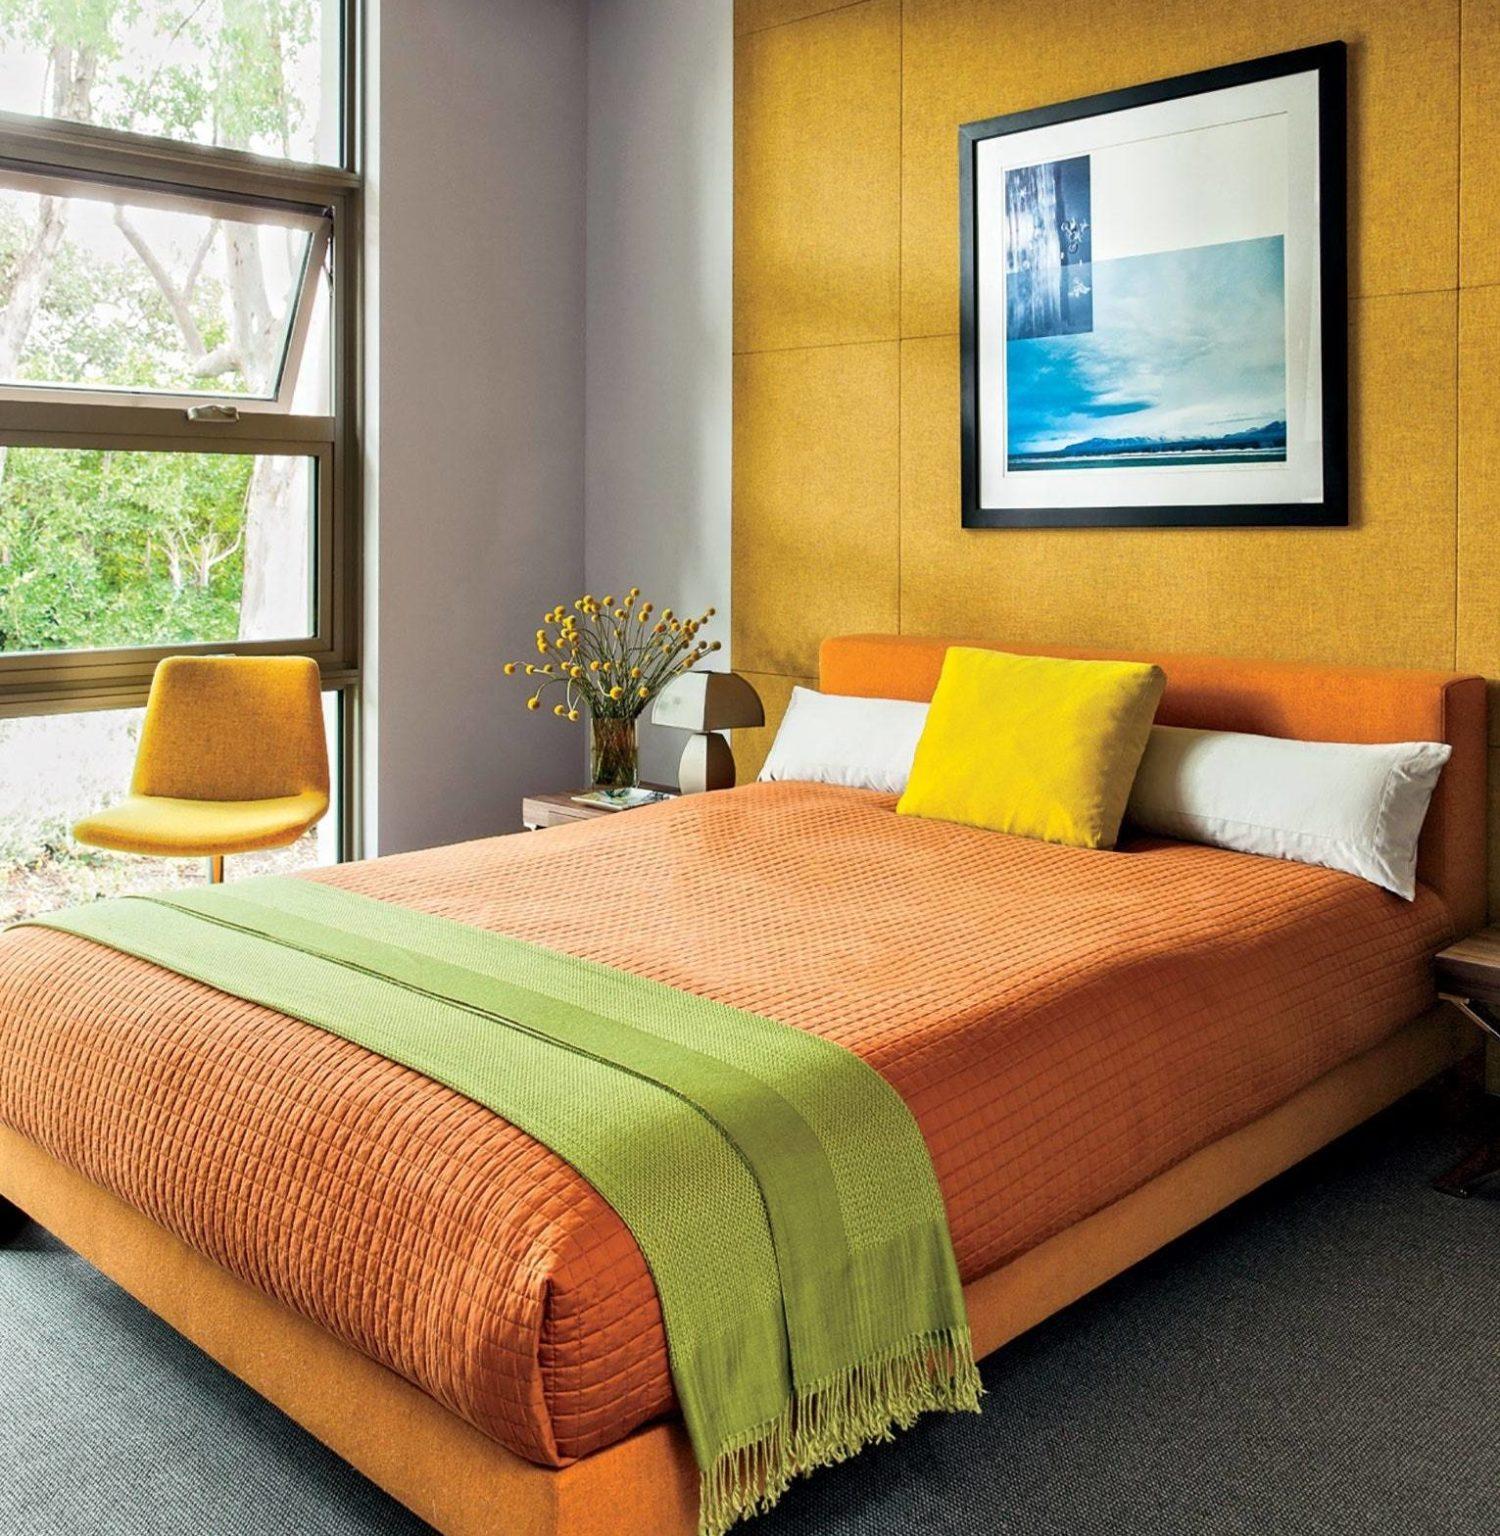 Bức tường nổi bật với tông màu mù tạt bằng vải được tô điểm bởi bộ khăn trải giường bằng vải thô, ghế màu vàng và khung giường đầy màu sắc trong phòng ngủ màu sắc rực rỡ này. Thiết kế của căn phòng được tối giản hóa thành công khi sử dụng tông màu vàng và sáng để mang lại sức sống cho khu vực.